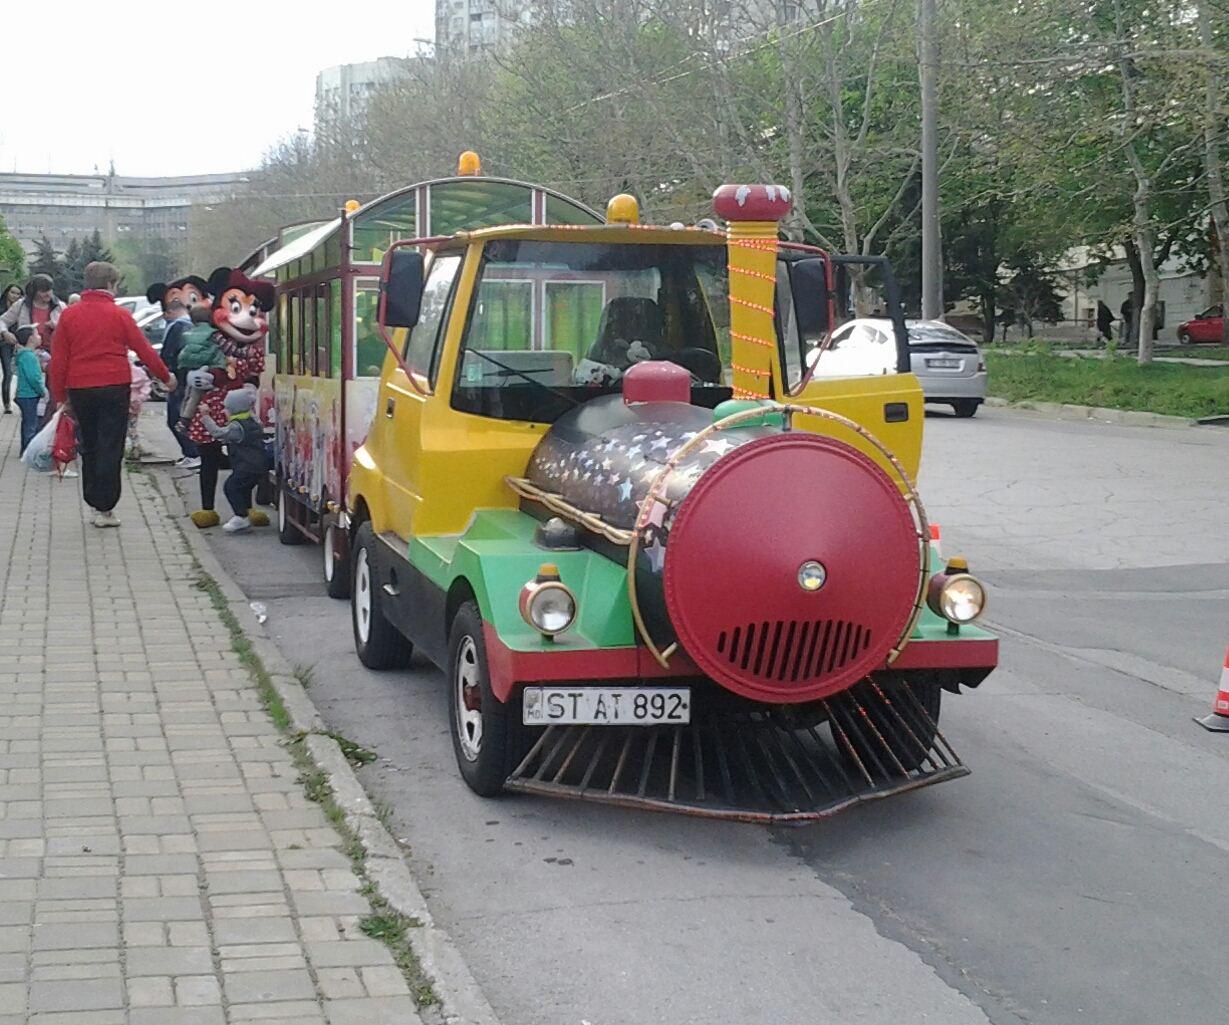 2010 (?). САМАВТО. Молдова. Автор неизвестен